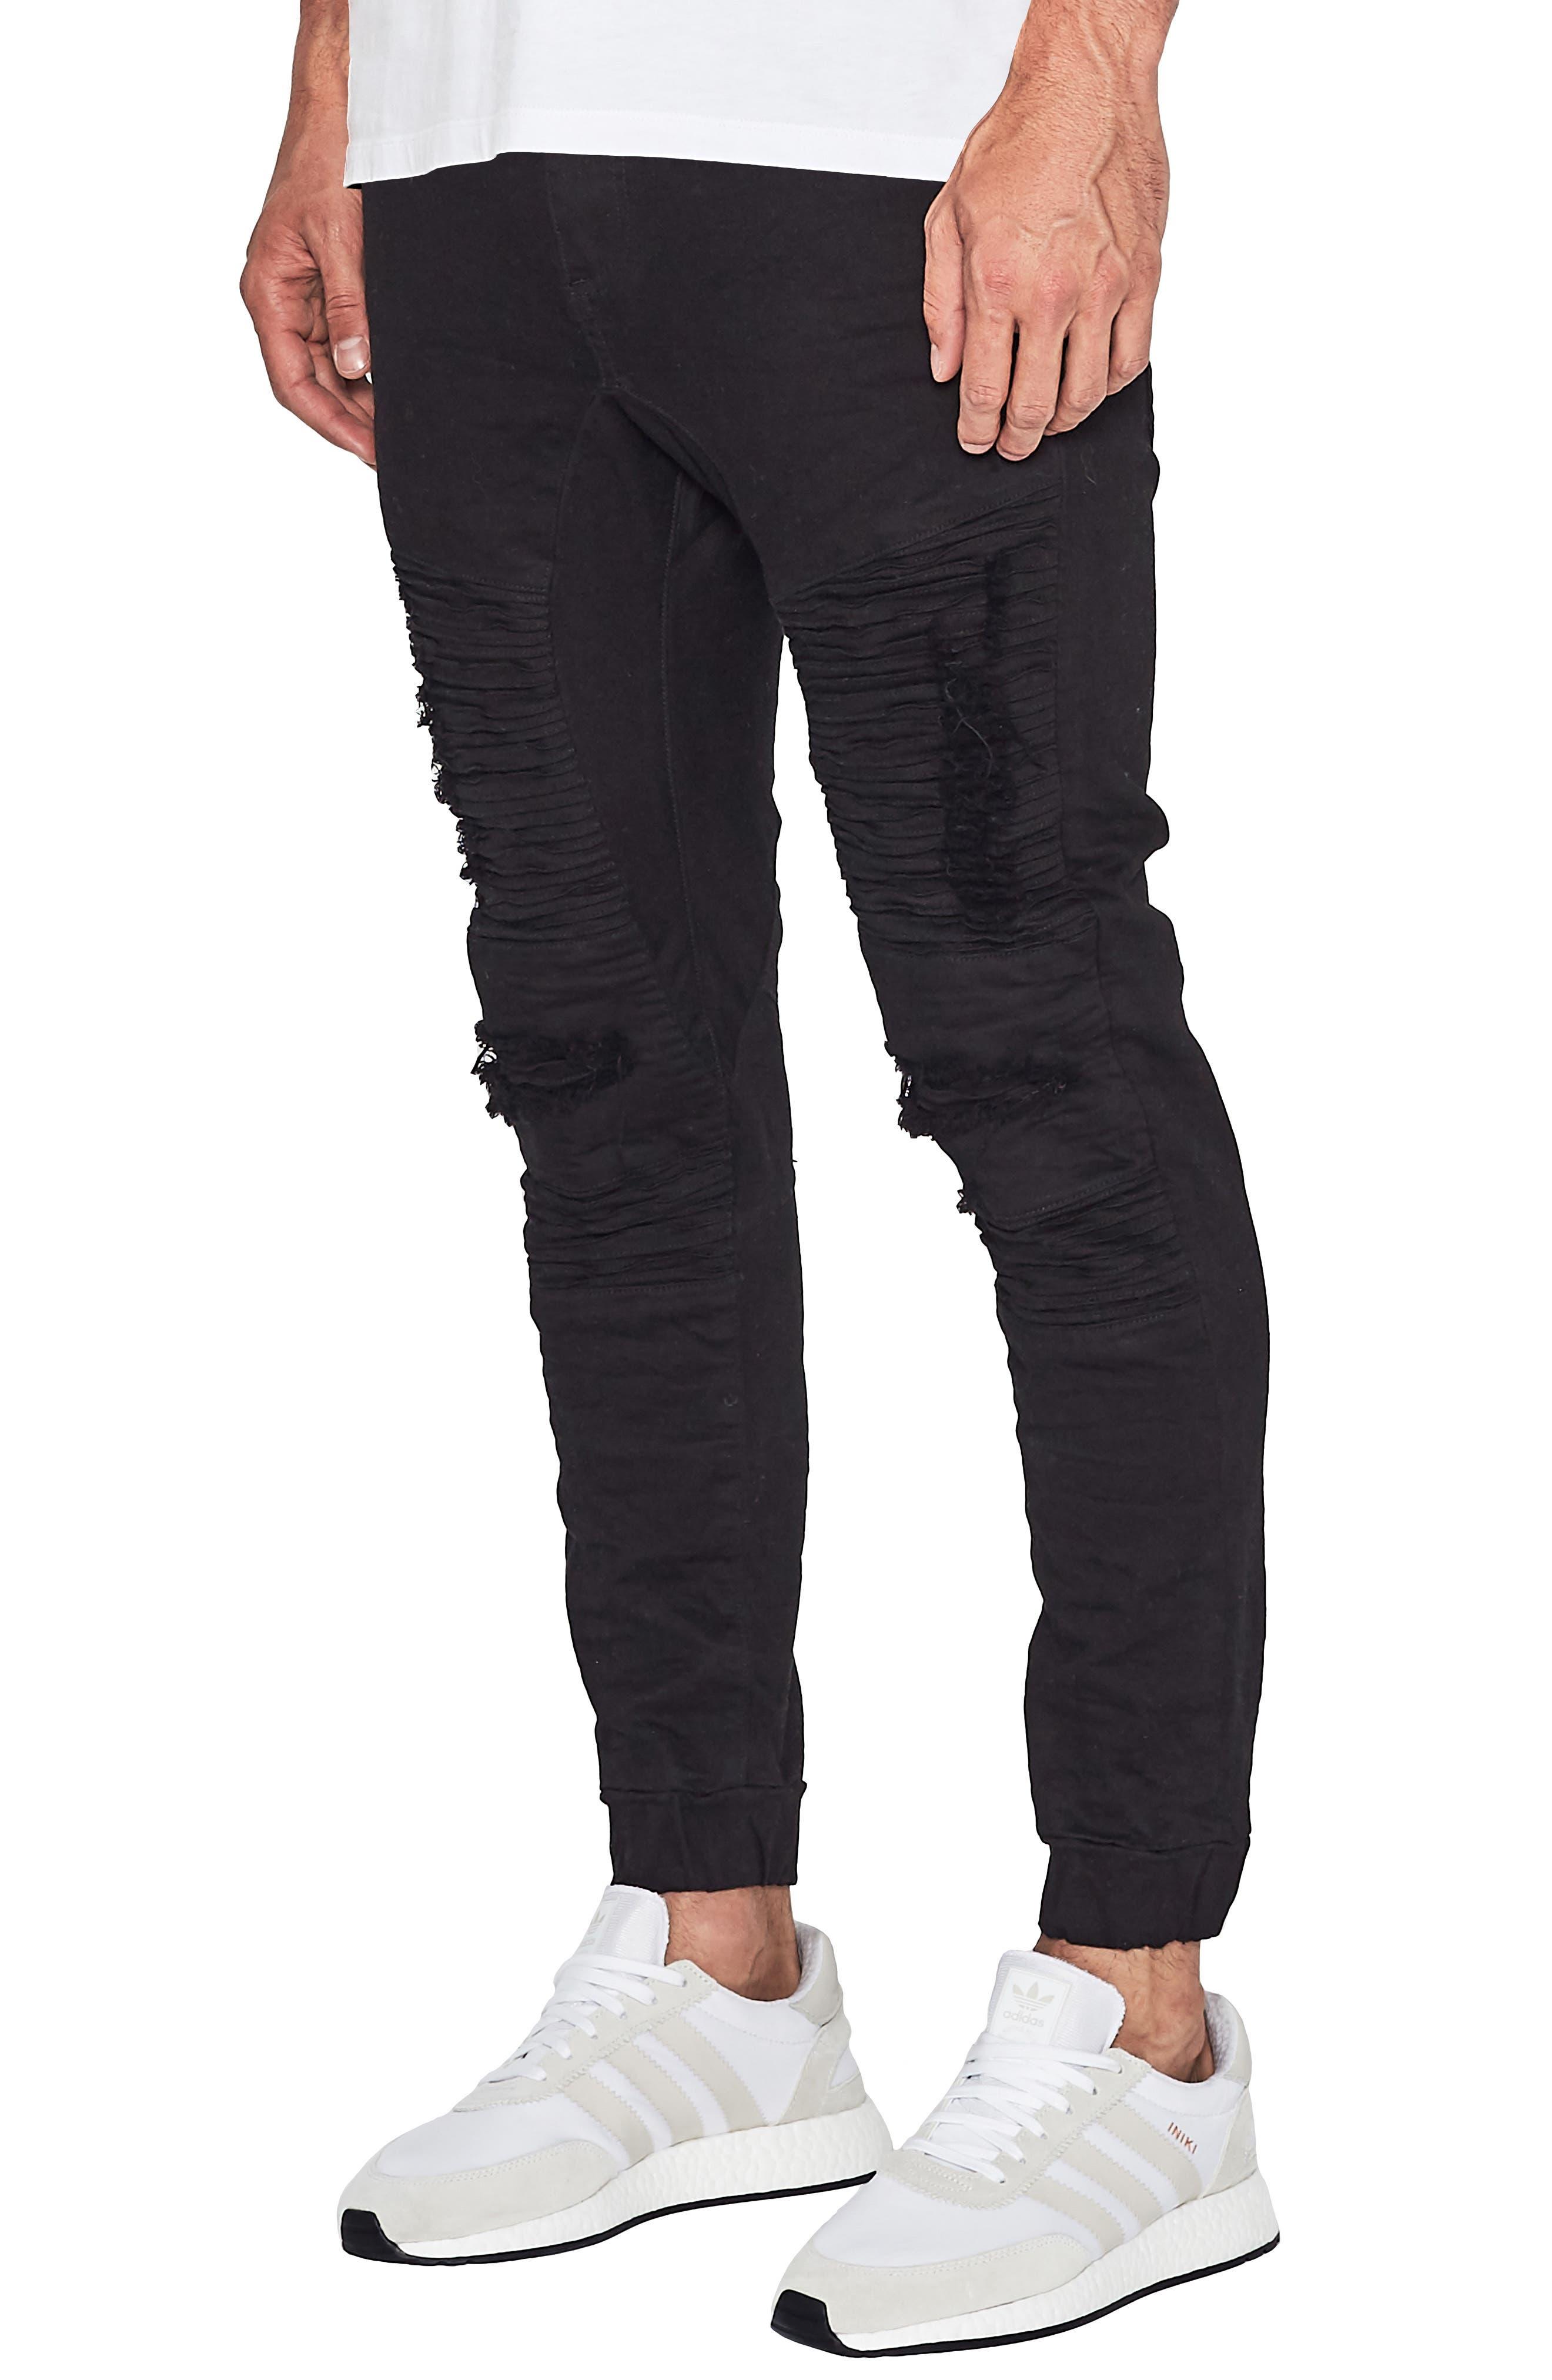 Hellcat Slim Fit Pants,                             Alternate thumbnail 3, color,                             Jet Black